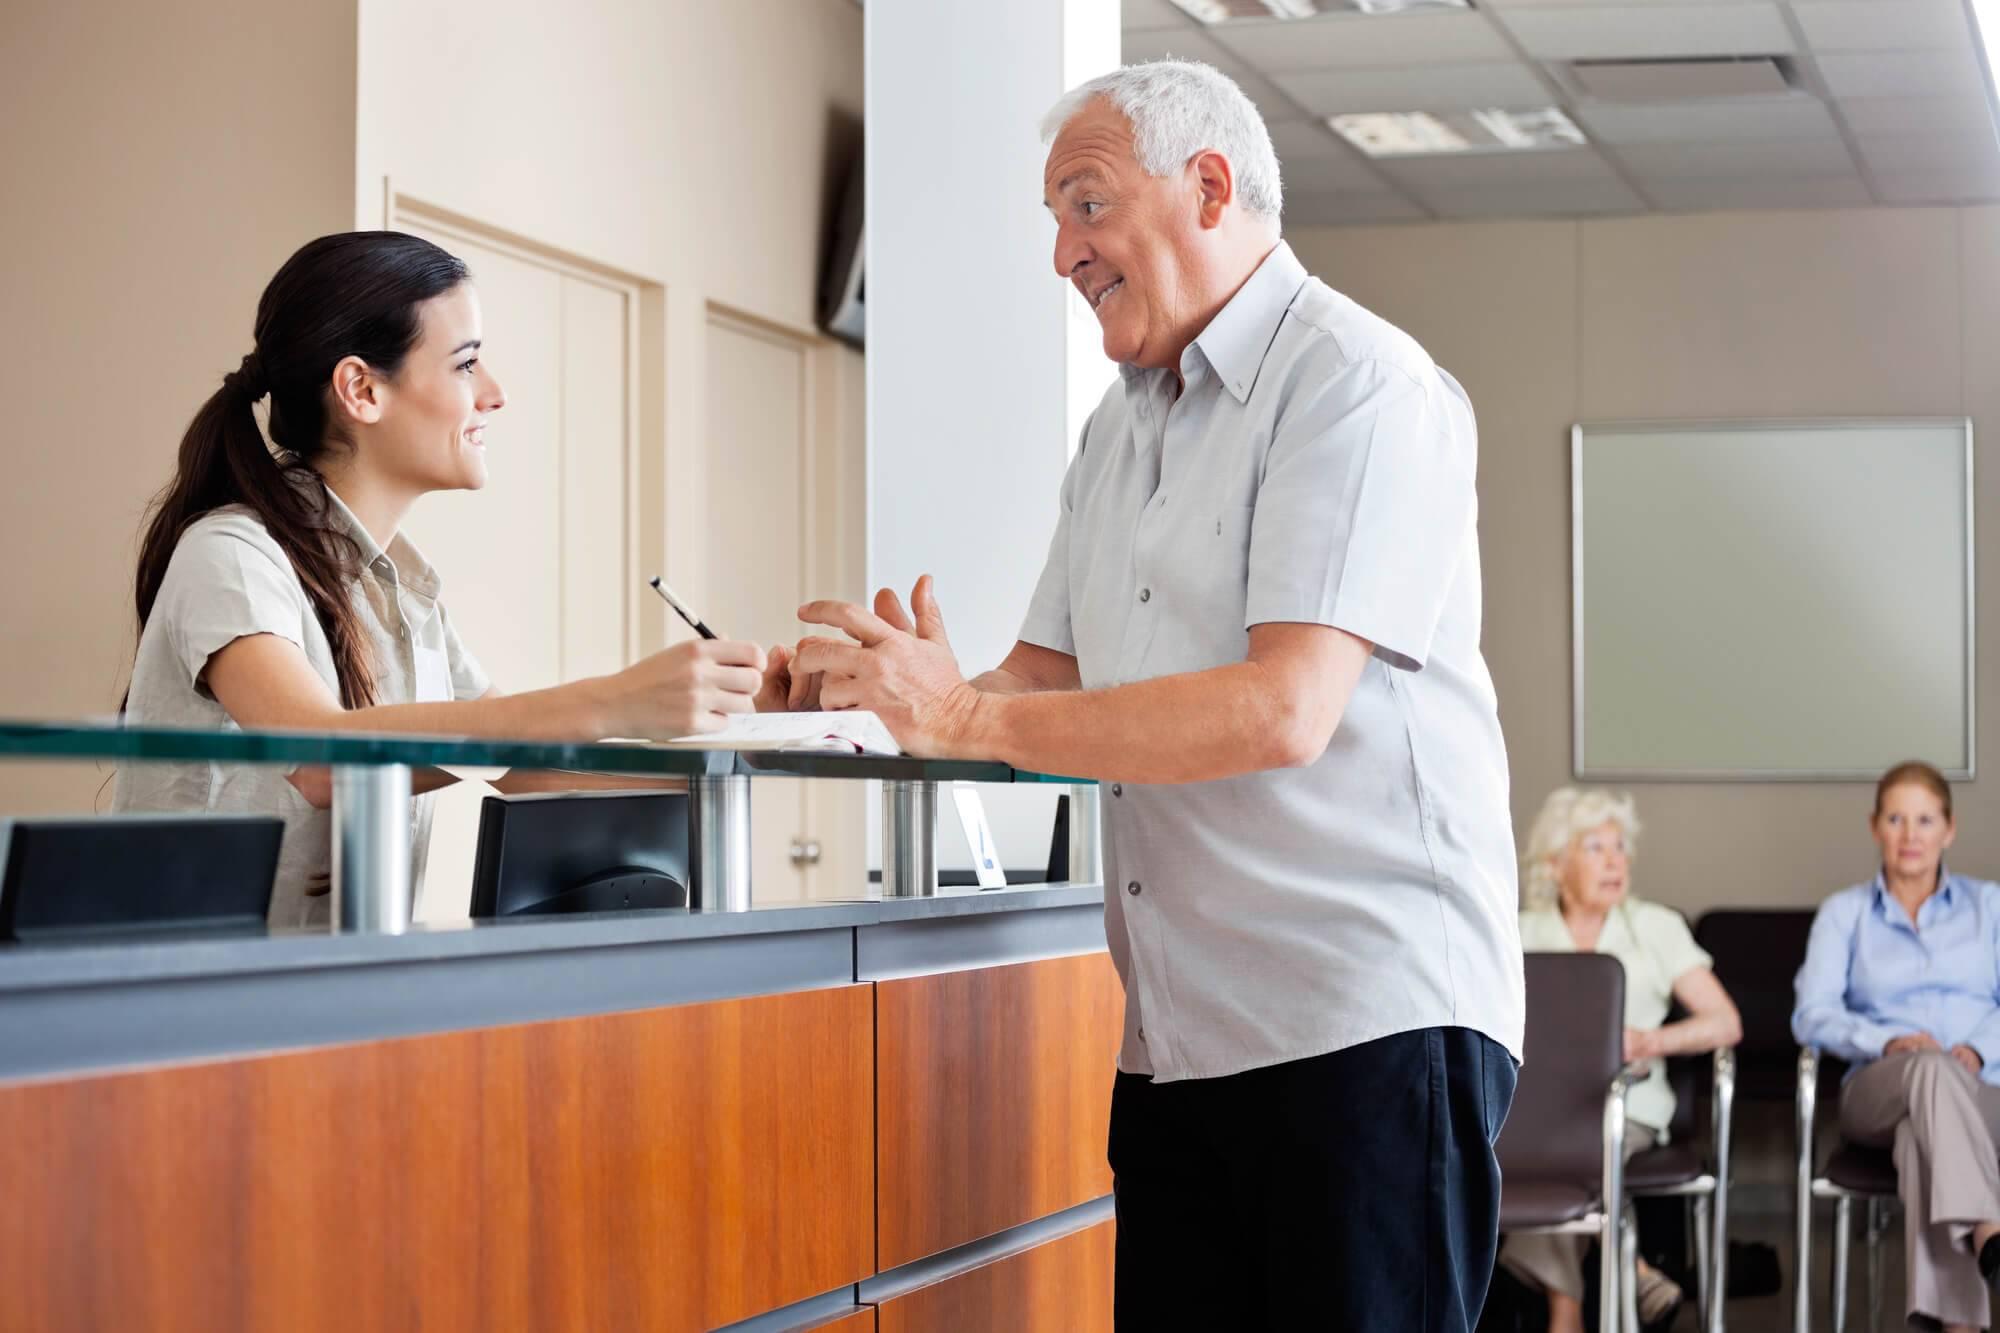 Recepção de pacientes: conheça as melhores práticas para consultório